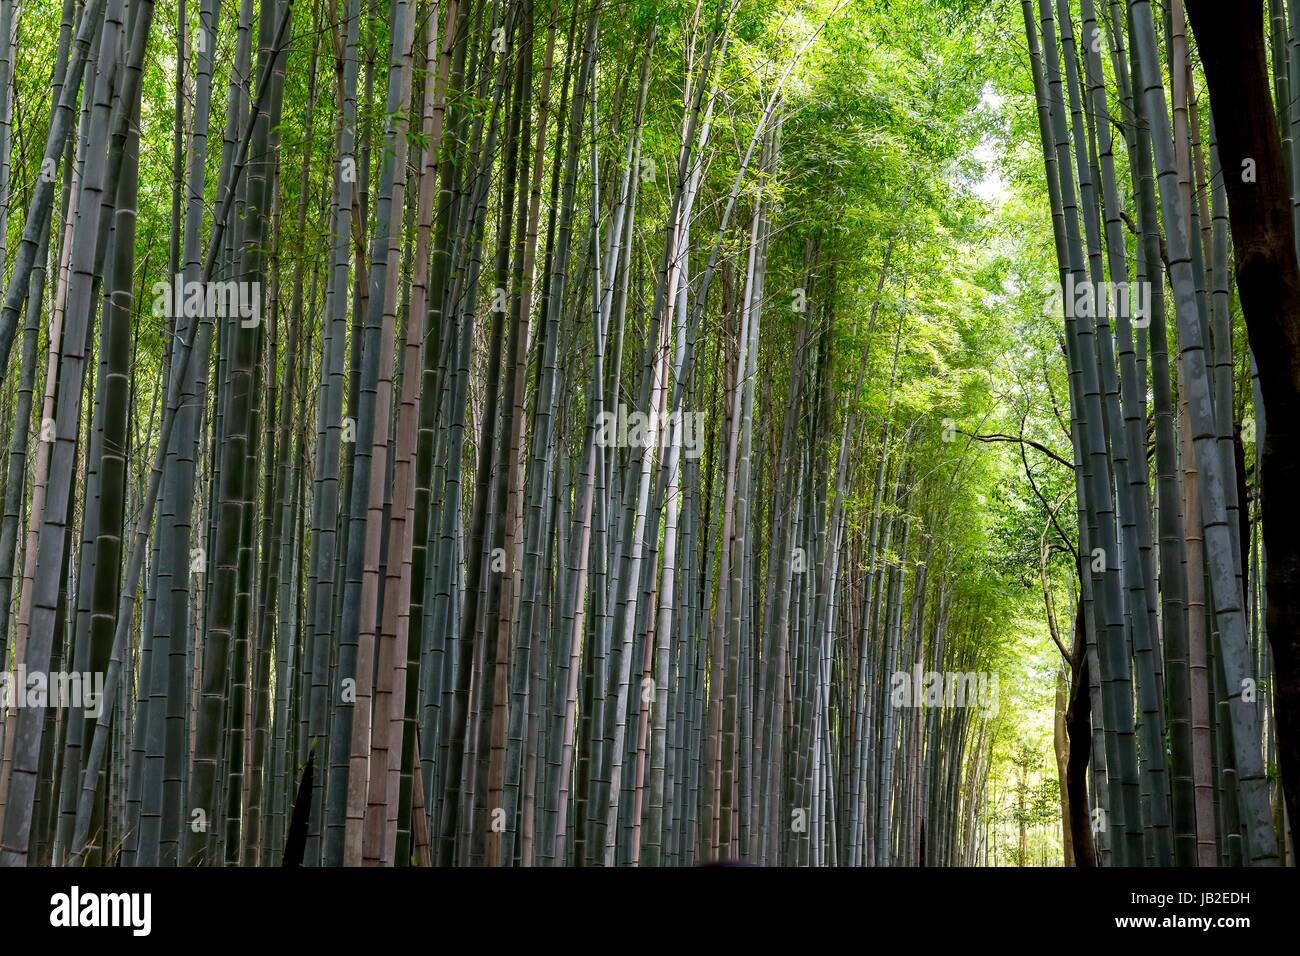 Foresta di bambù di Arashiyama, Kyoto, Giappone. Immagini Stock